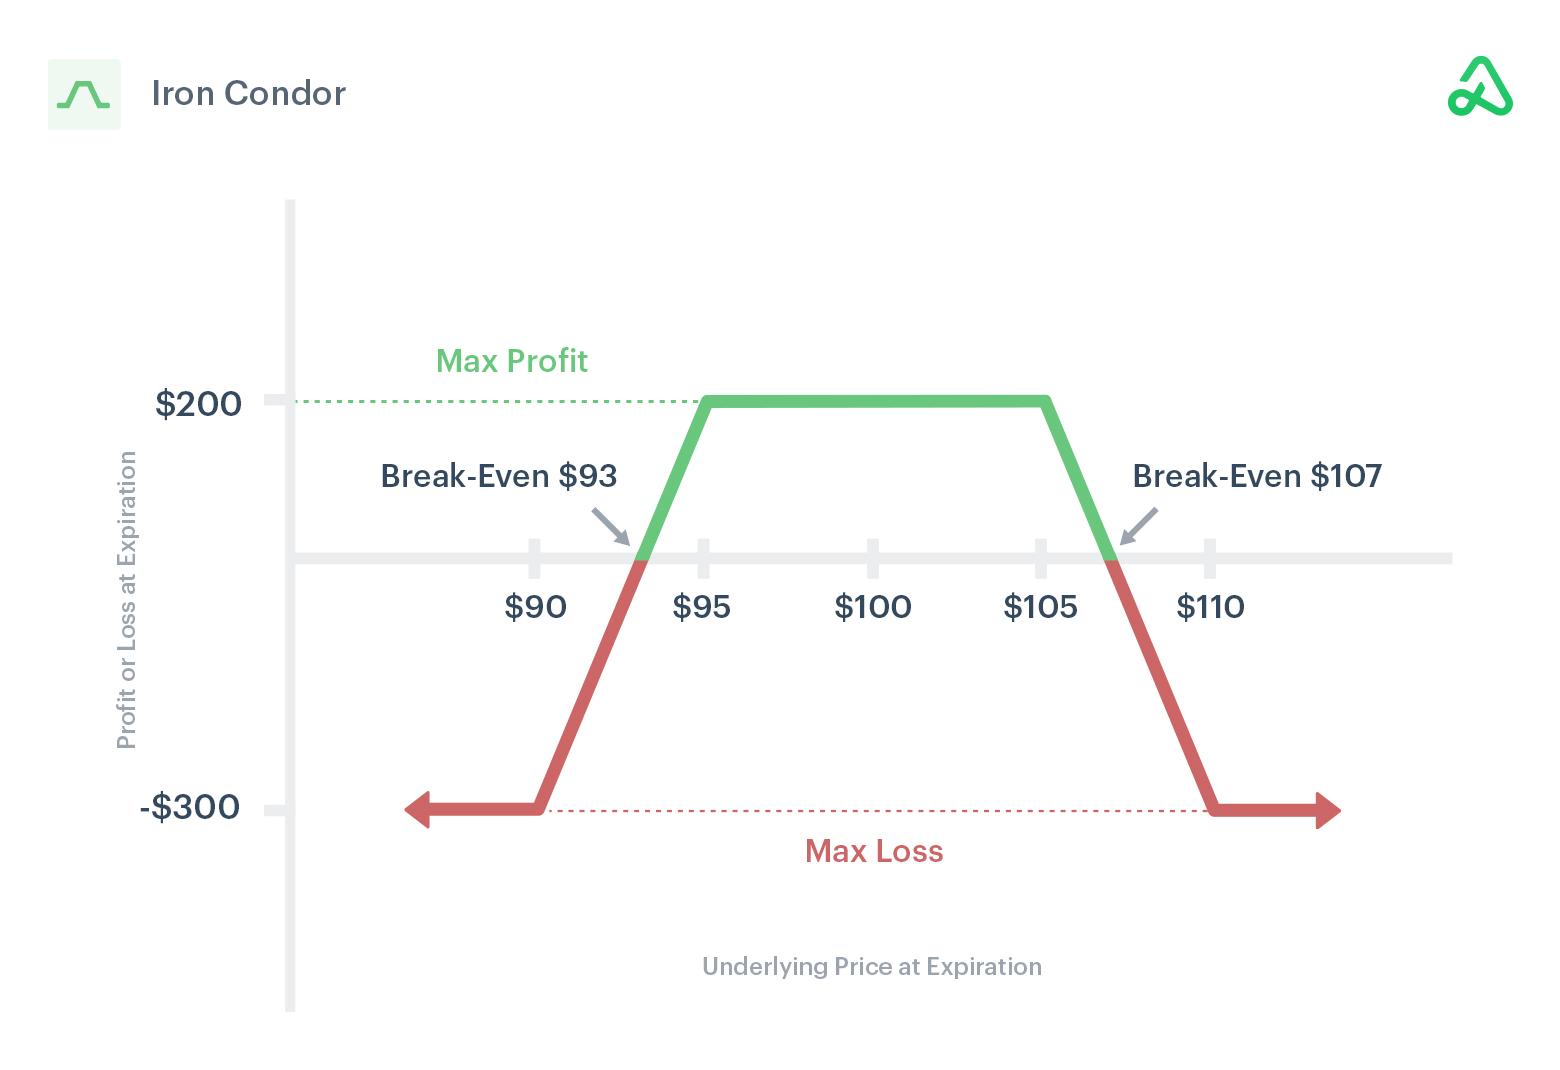 Iron condor payoff diagram